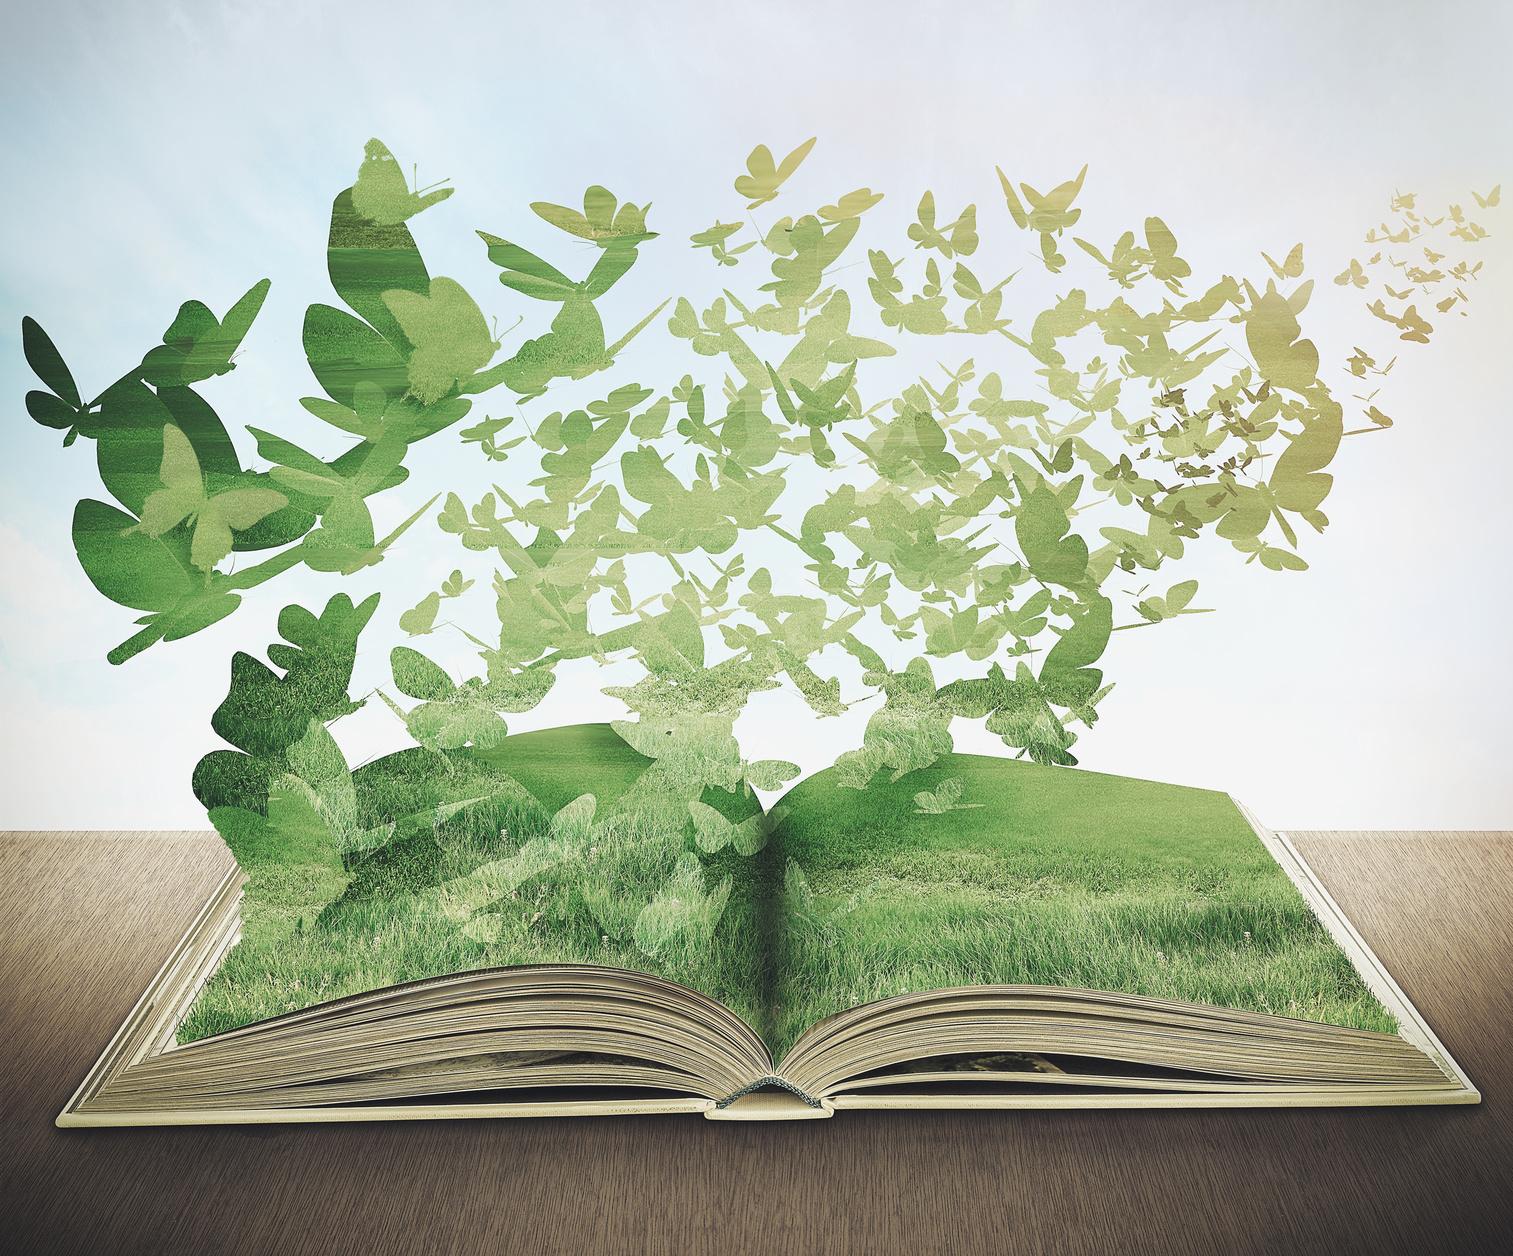 magic book, grass, butterflys